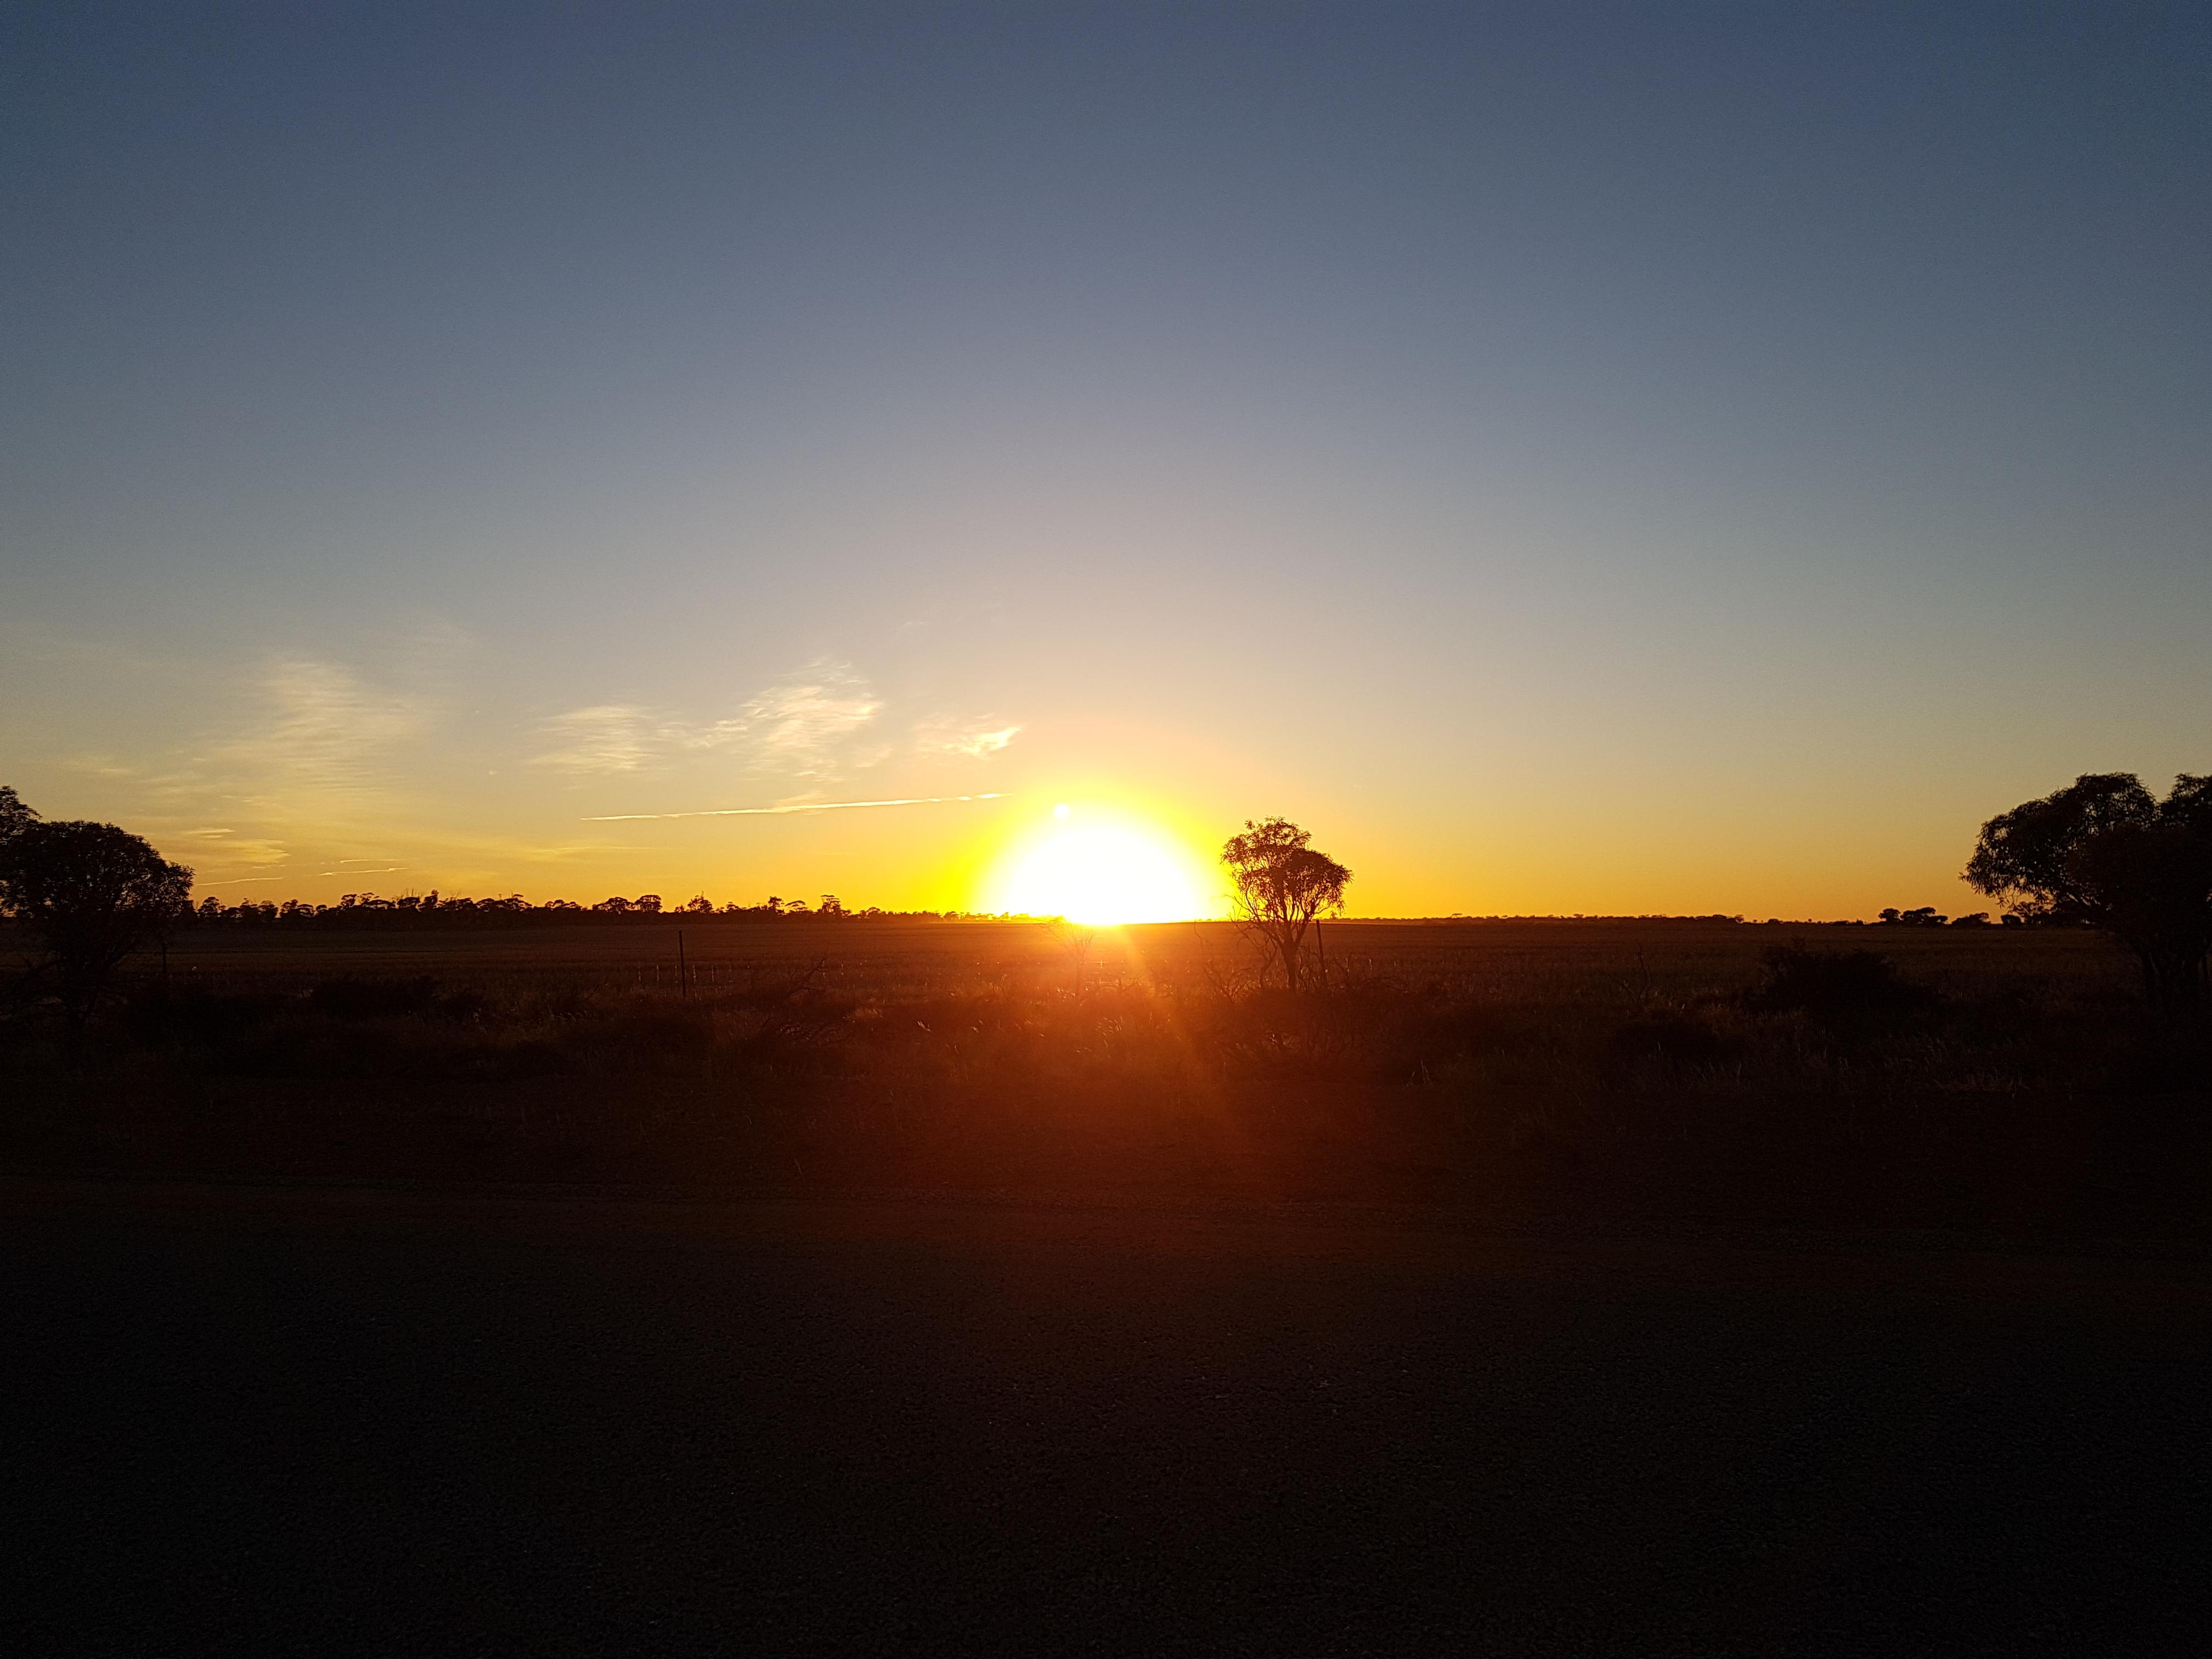 a new dawn awaits